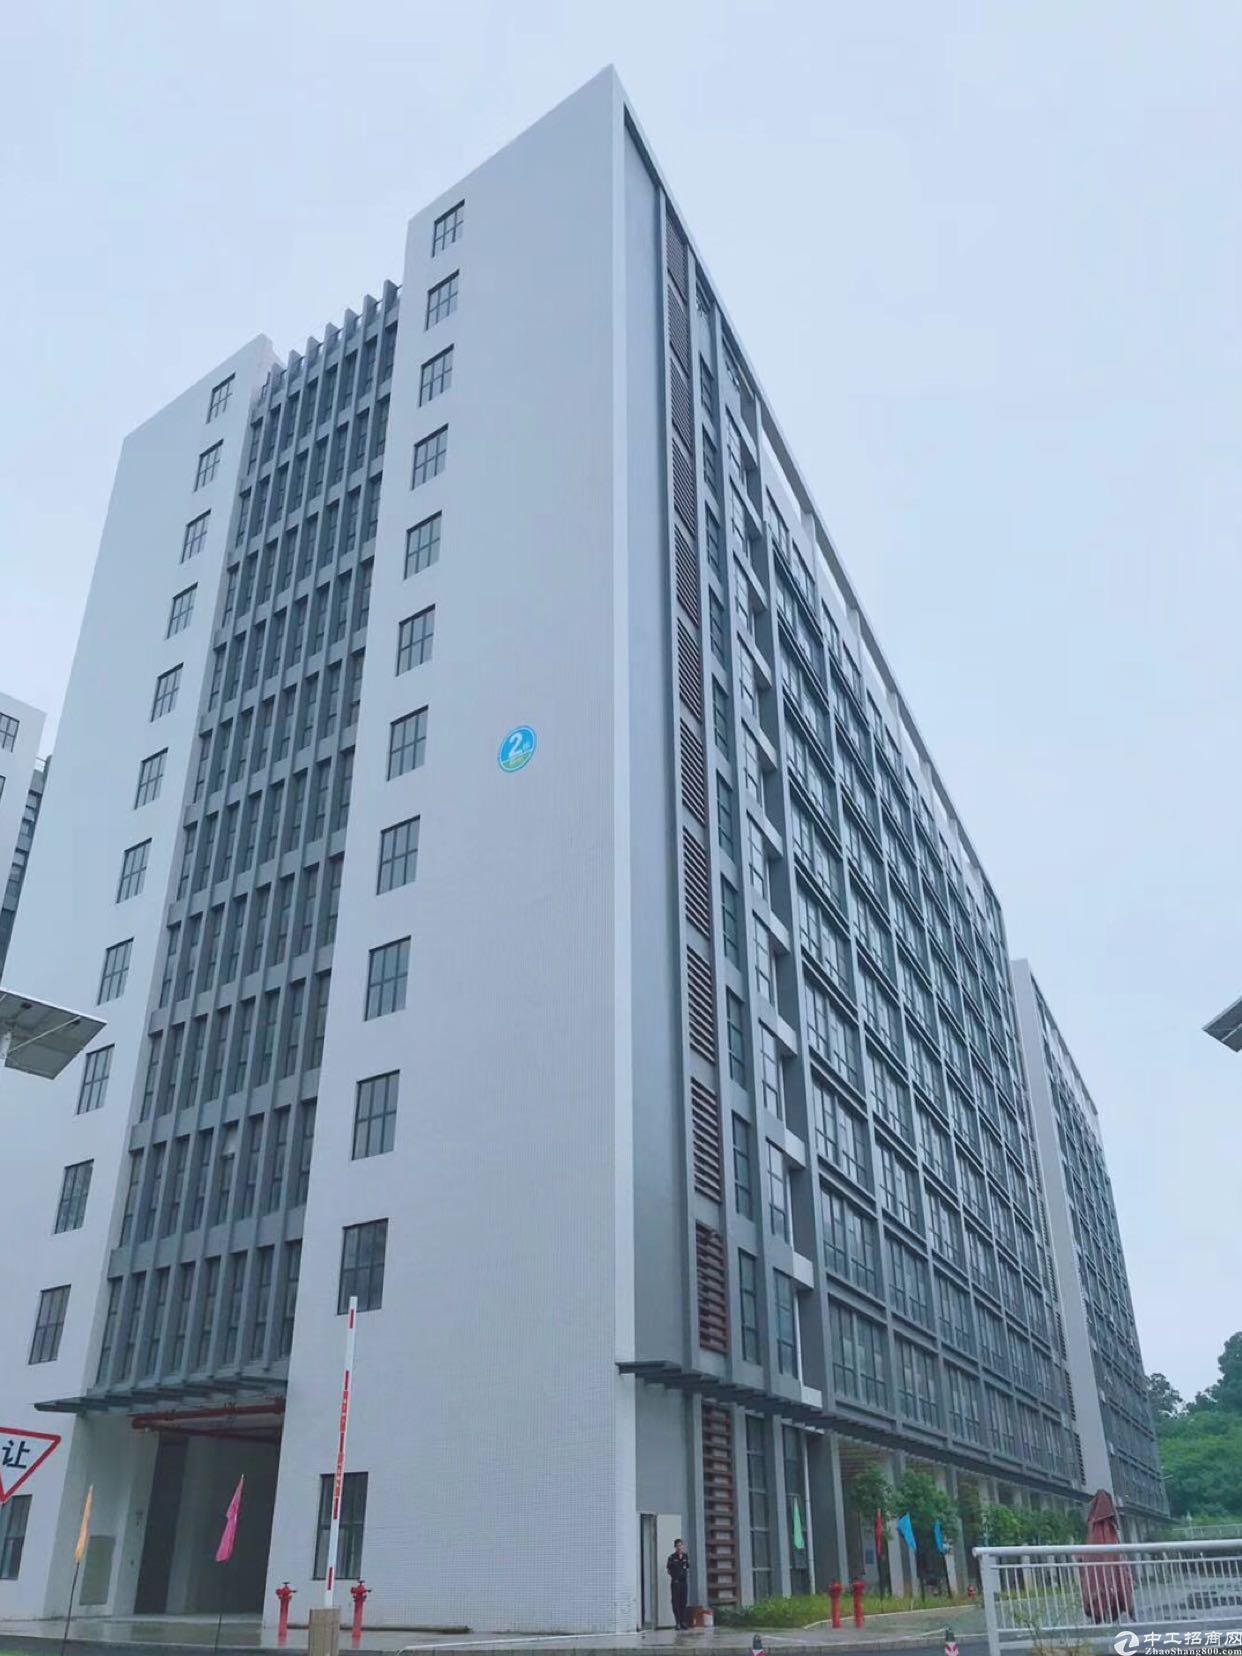 龙岗办公贸易淘宝电商仓库综合体800平米招租,可分